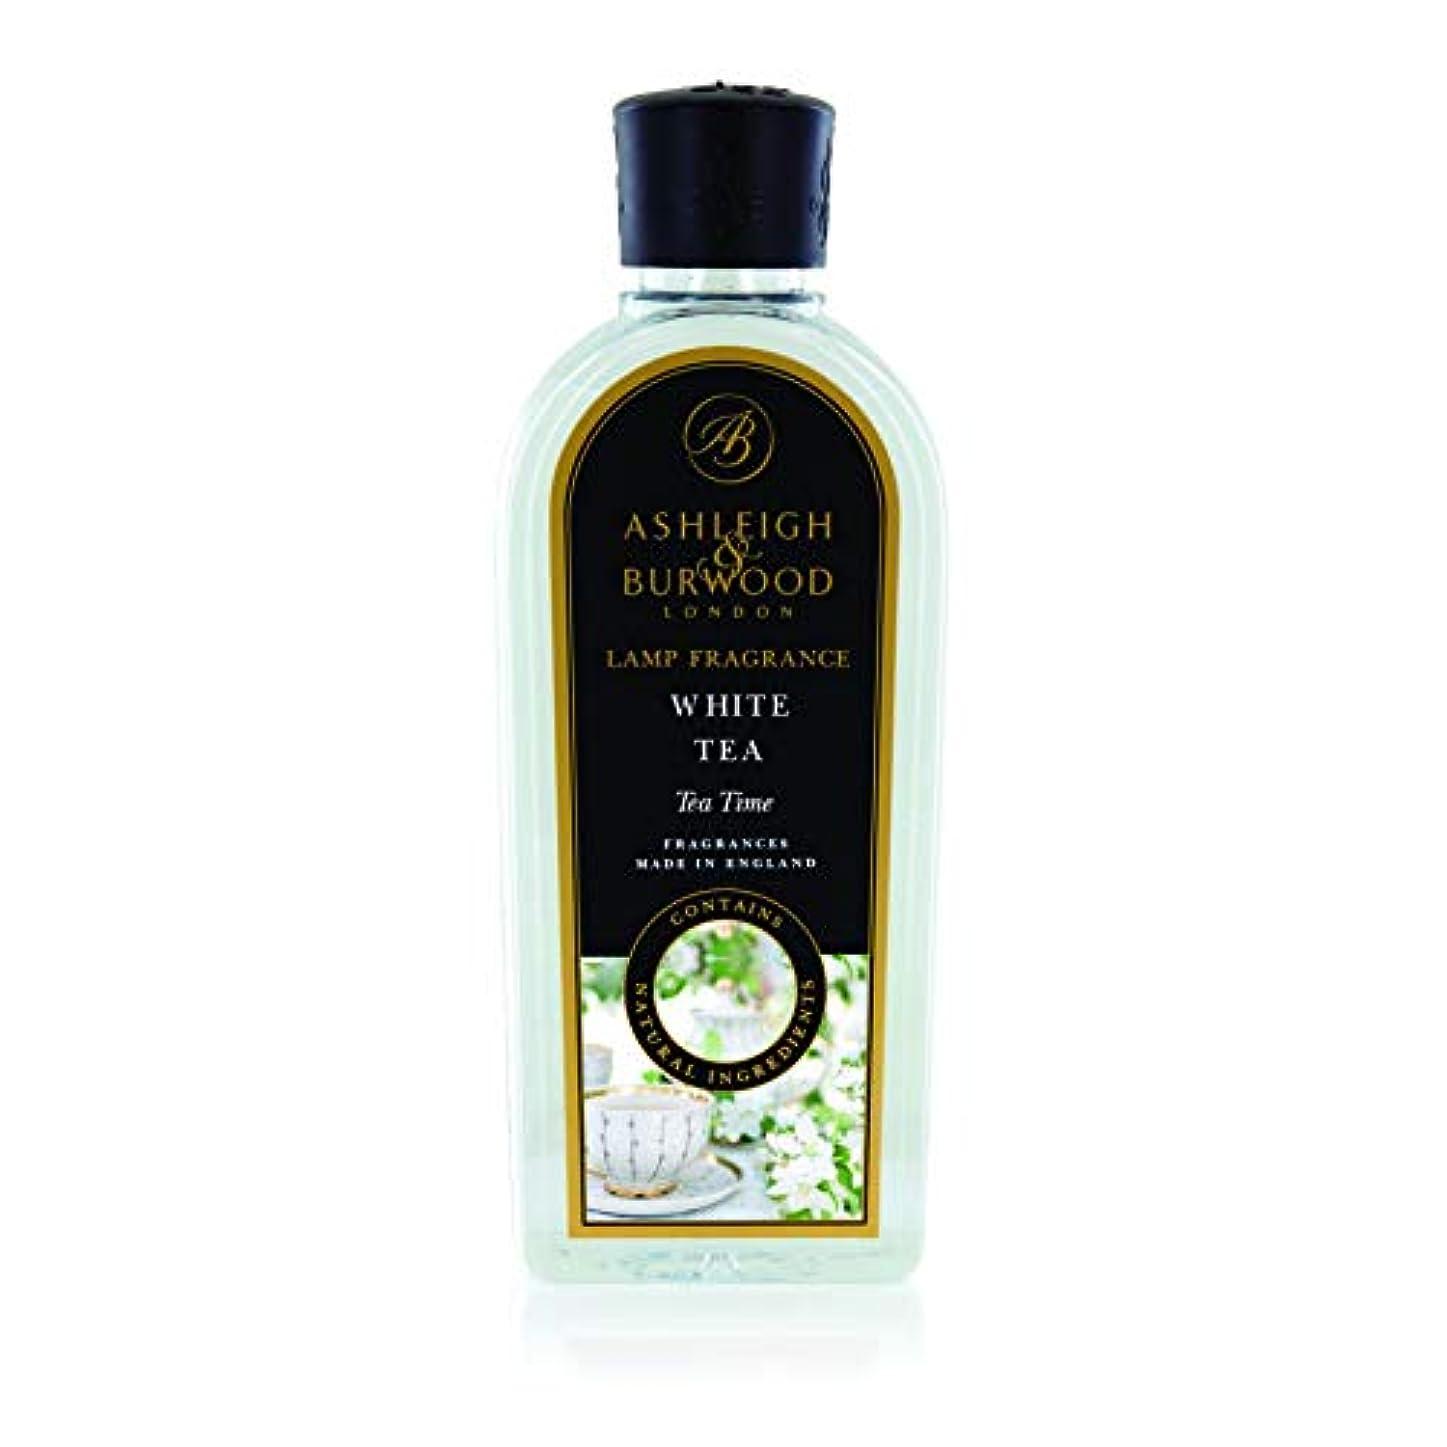 Ashleigh&Burwood ランプフレグランス ホワイトティー Lamp Fragrances WhiteTea アシュレイ&バーウッド